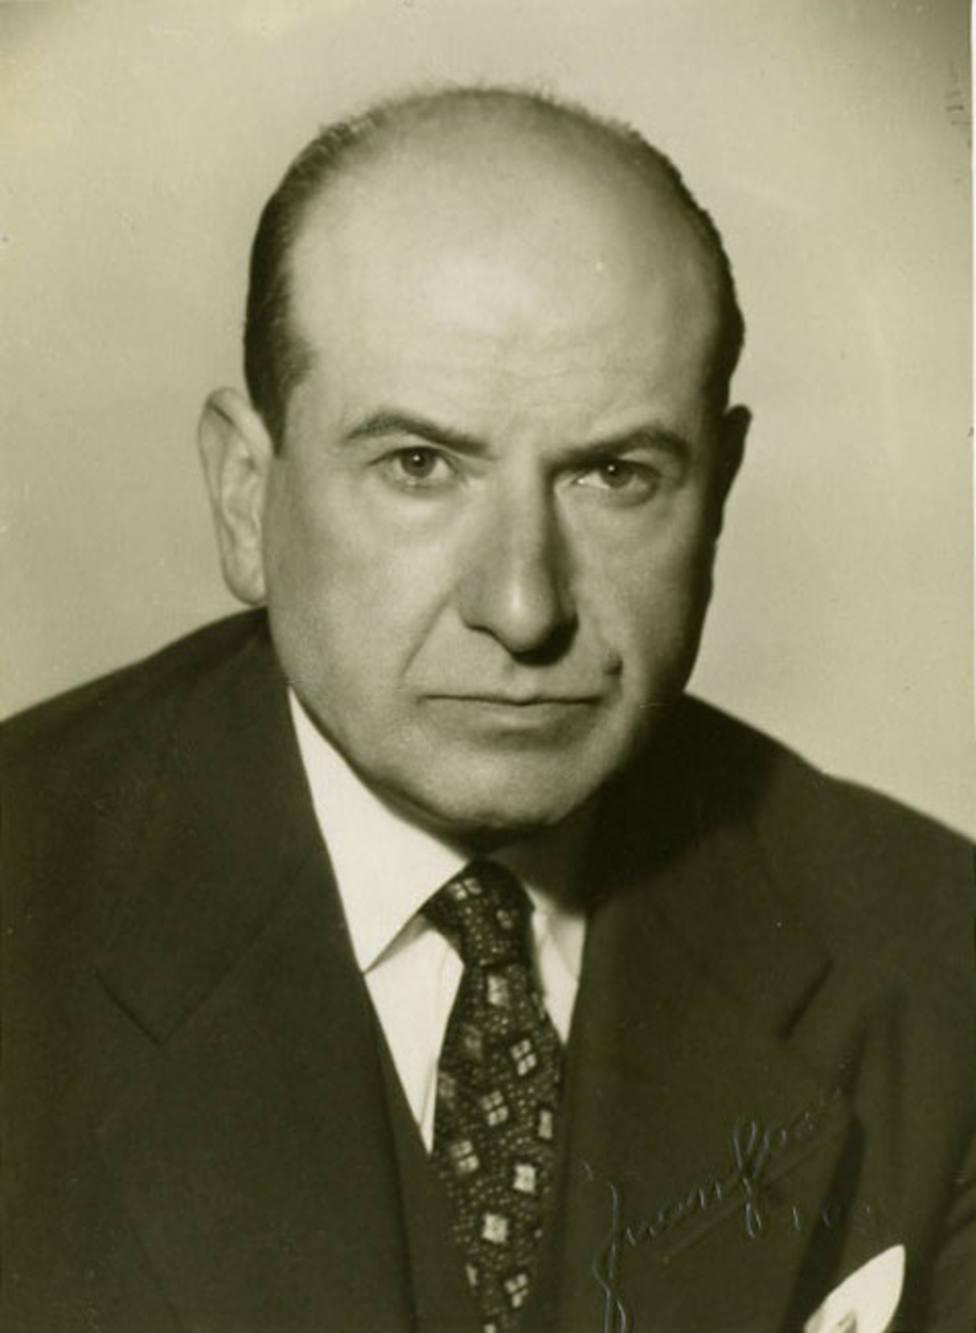 Ricardo Calvalho Calero